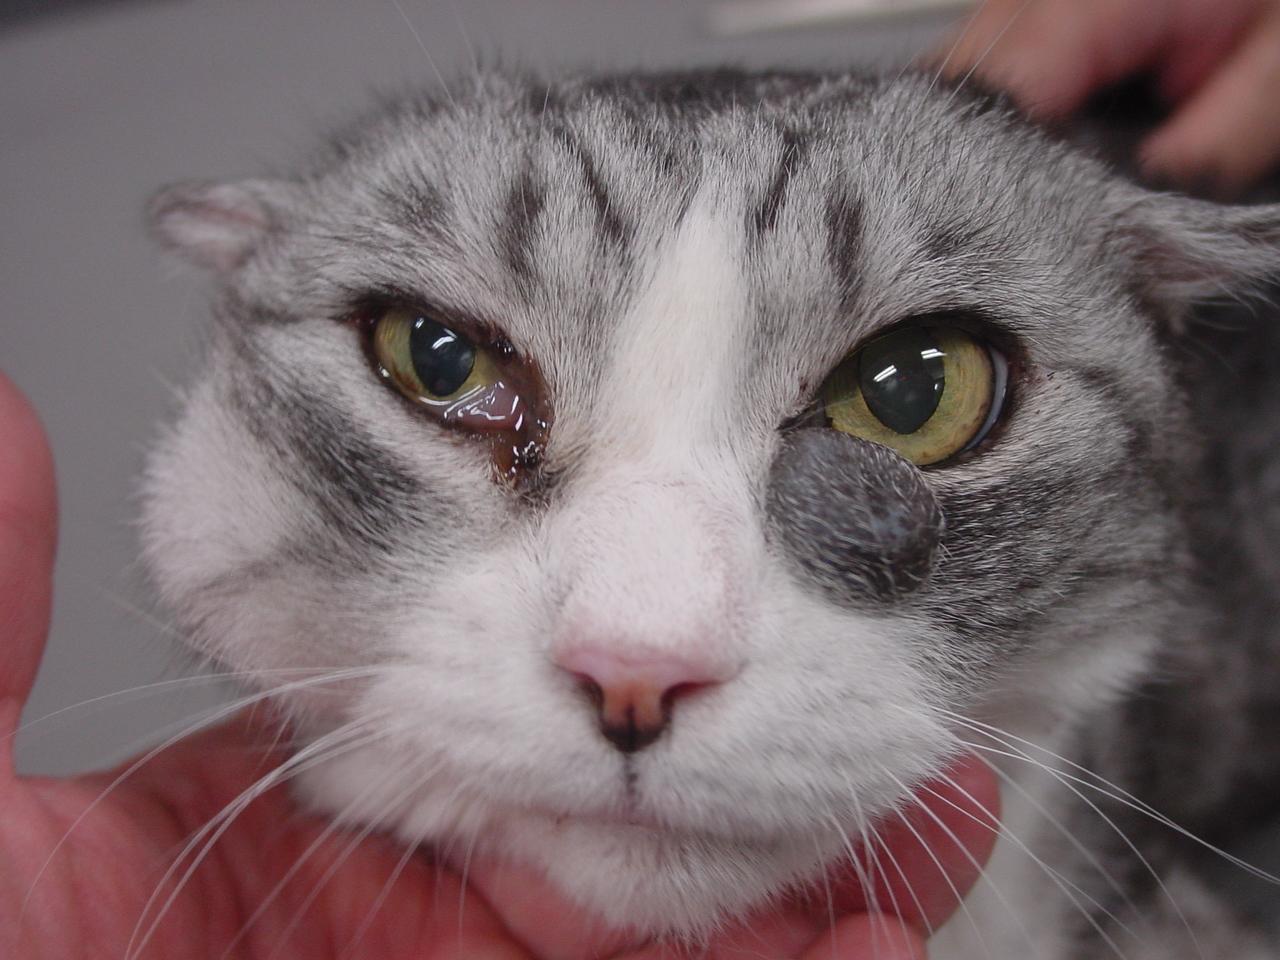 猫 目 の 周り が 赤い